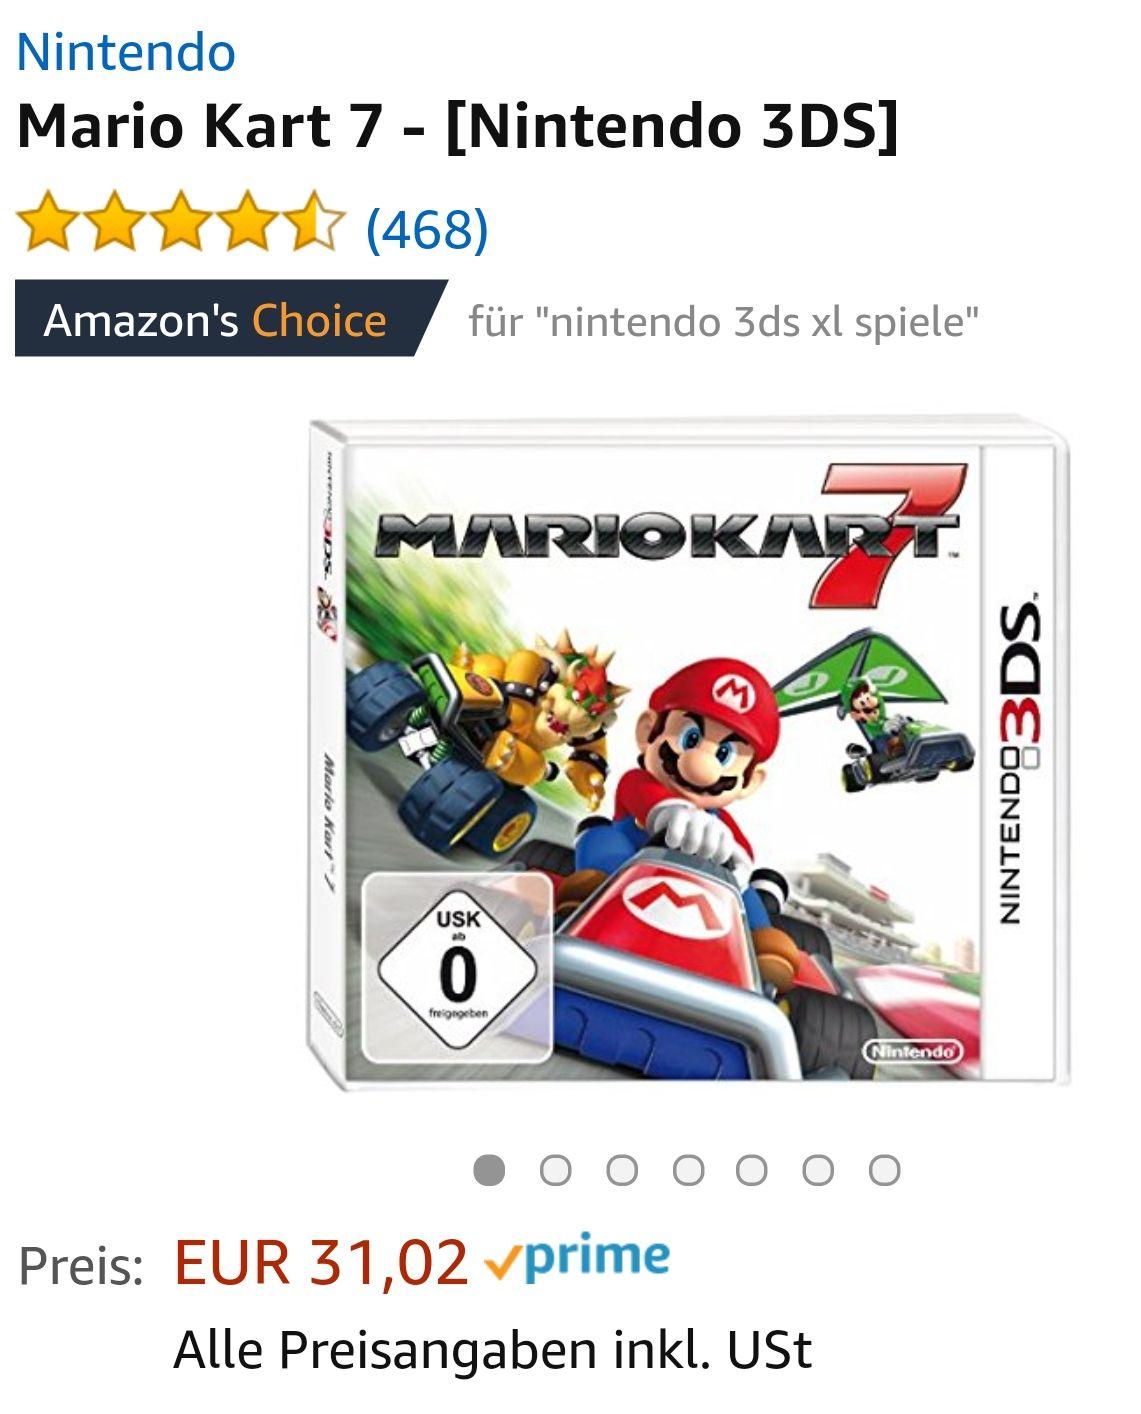 Mario Kart 7 für Nintendo 3DS